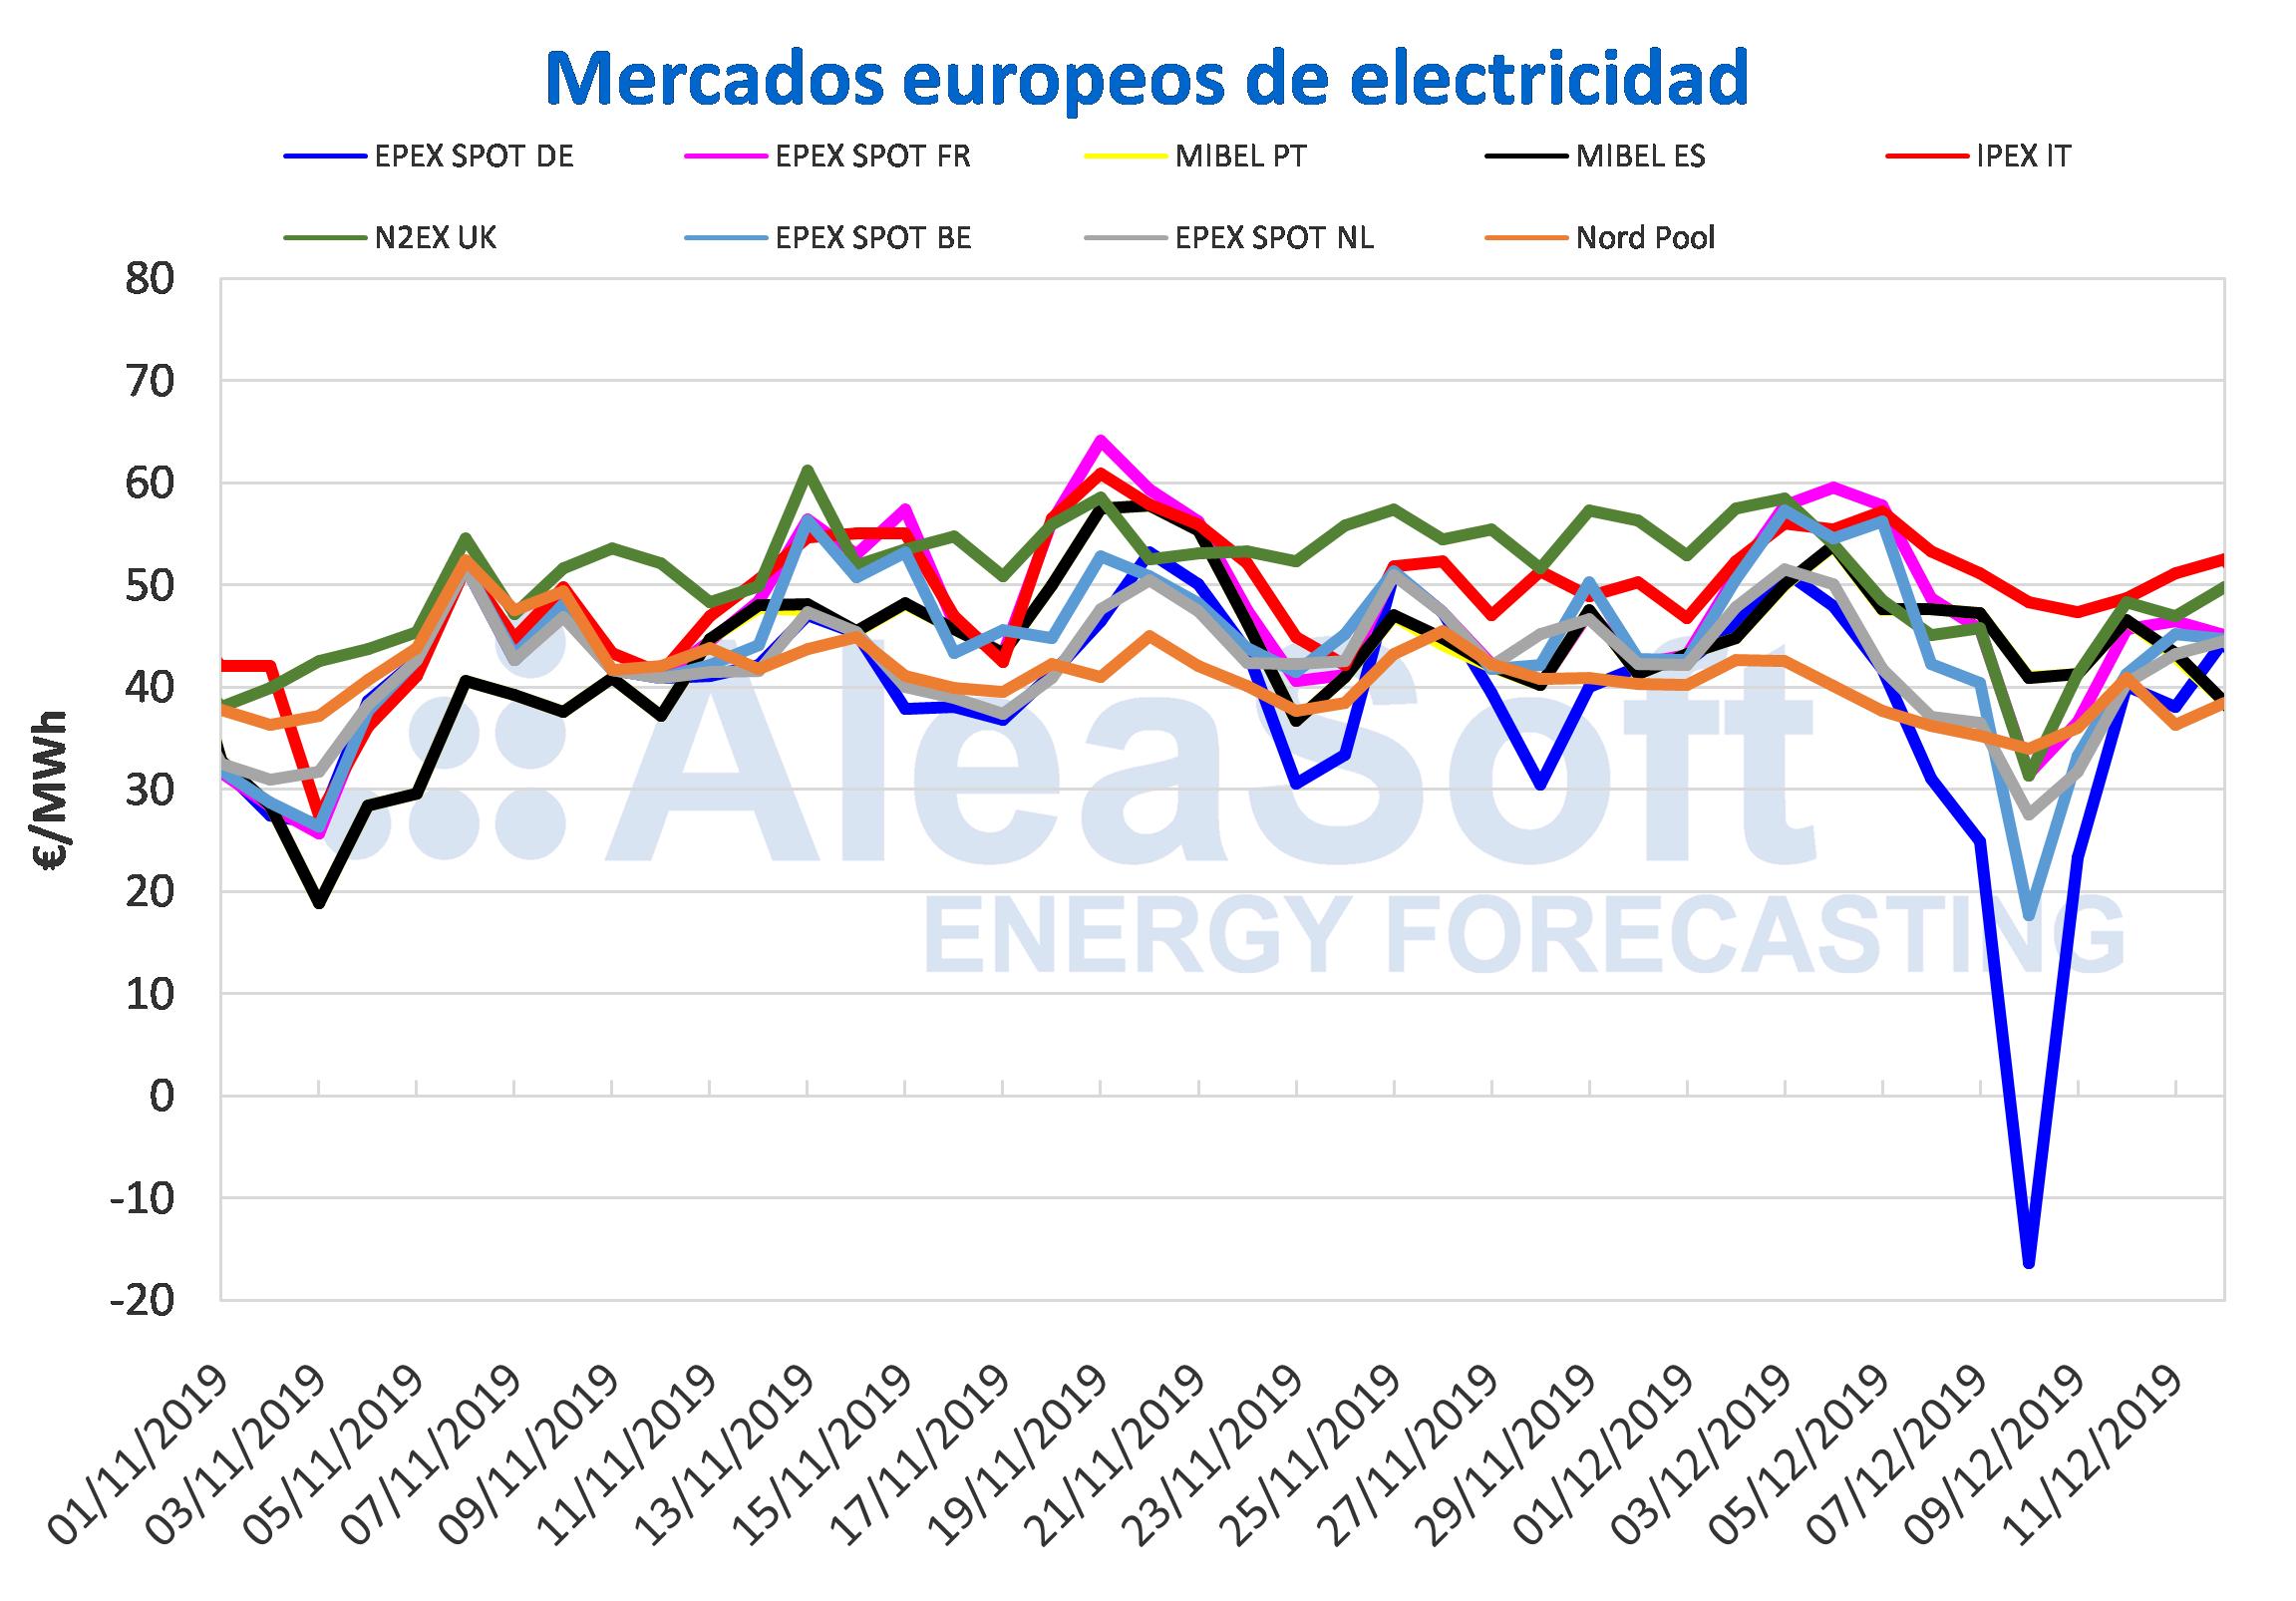 AleaSoft - Precios de mercados eléctricos europeos